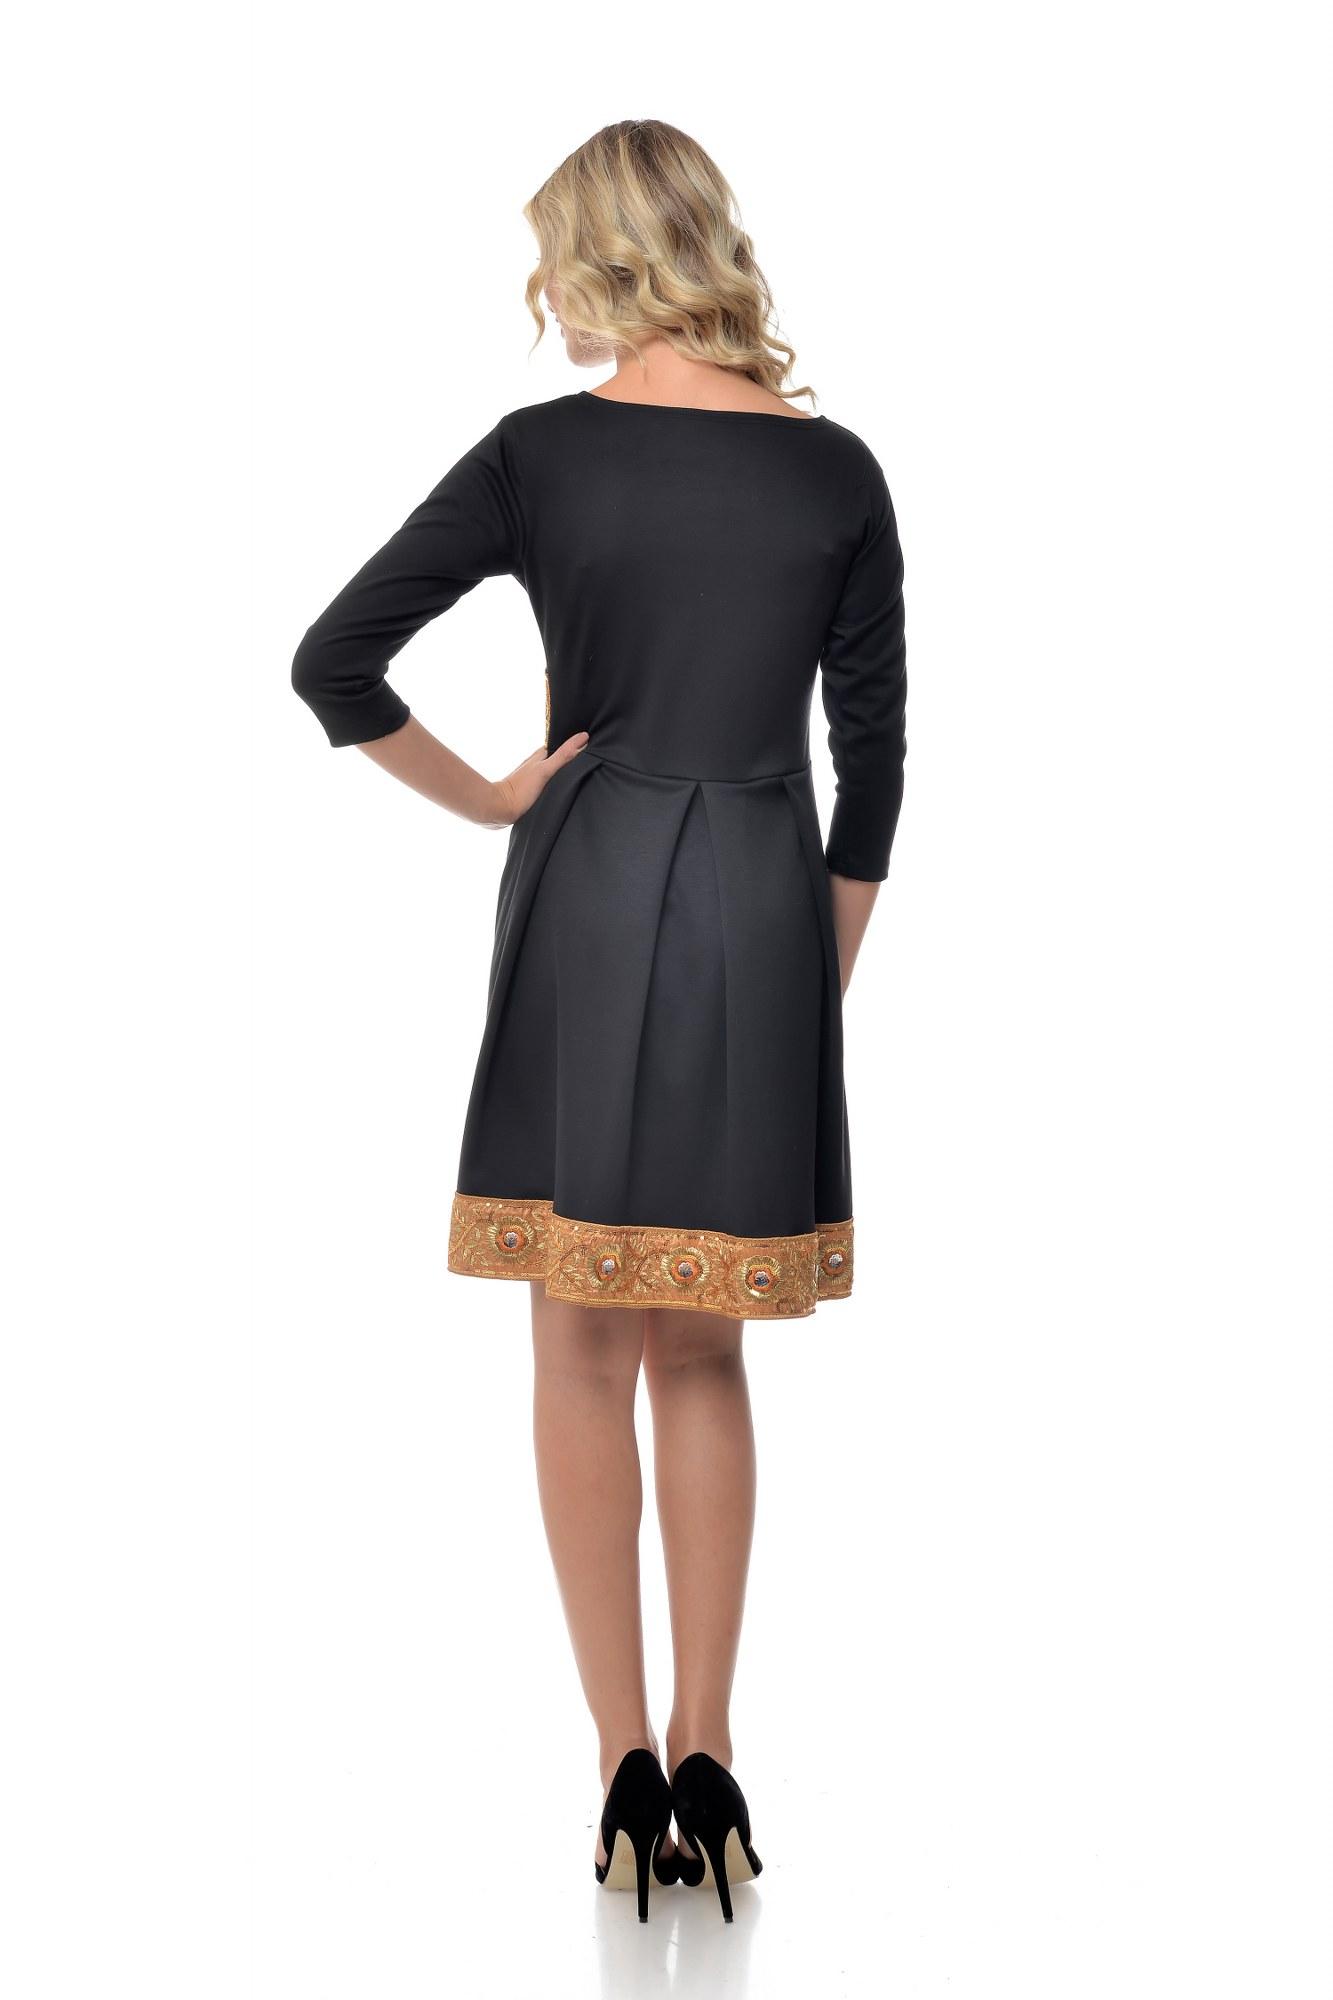 Rochie neagra cu brau si bordura crem